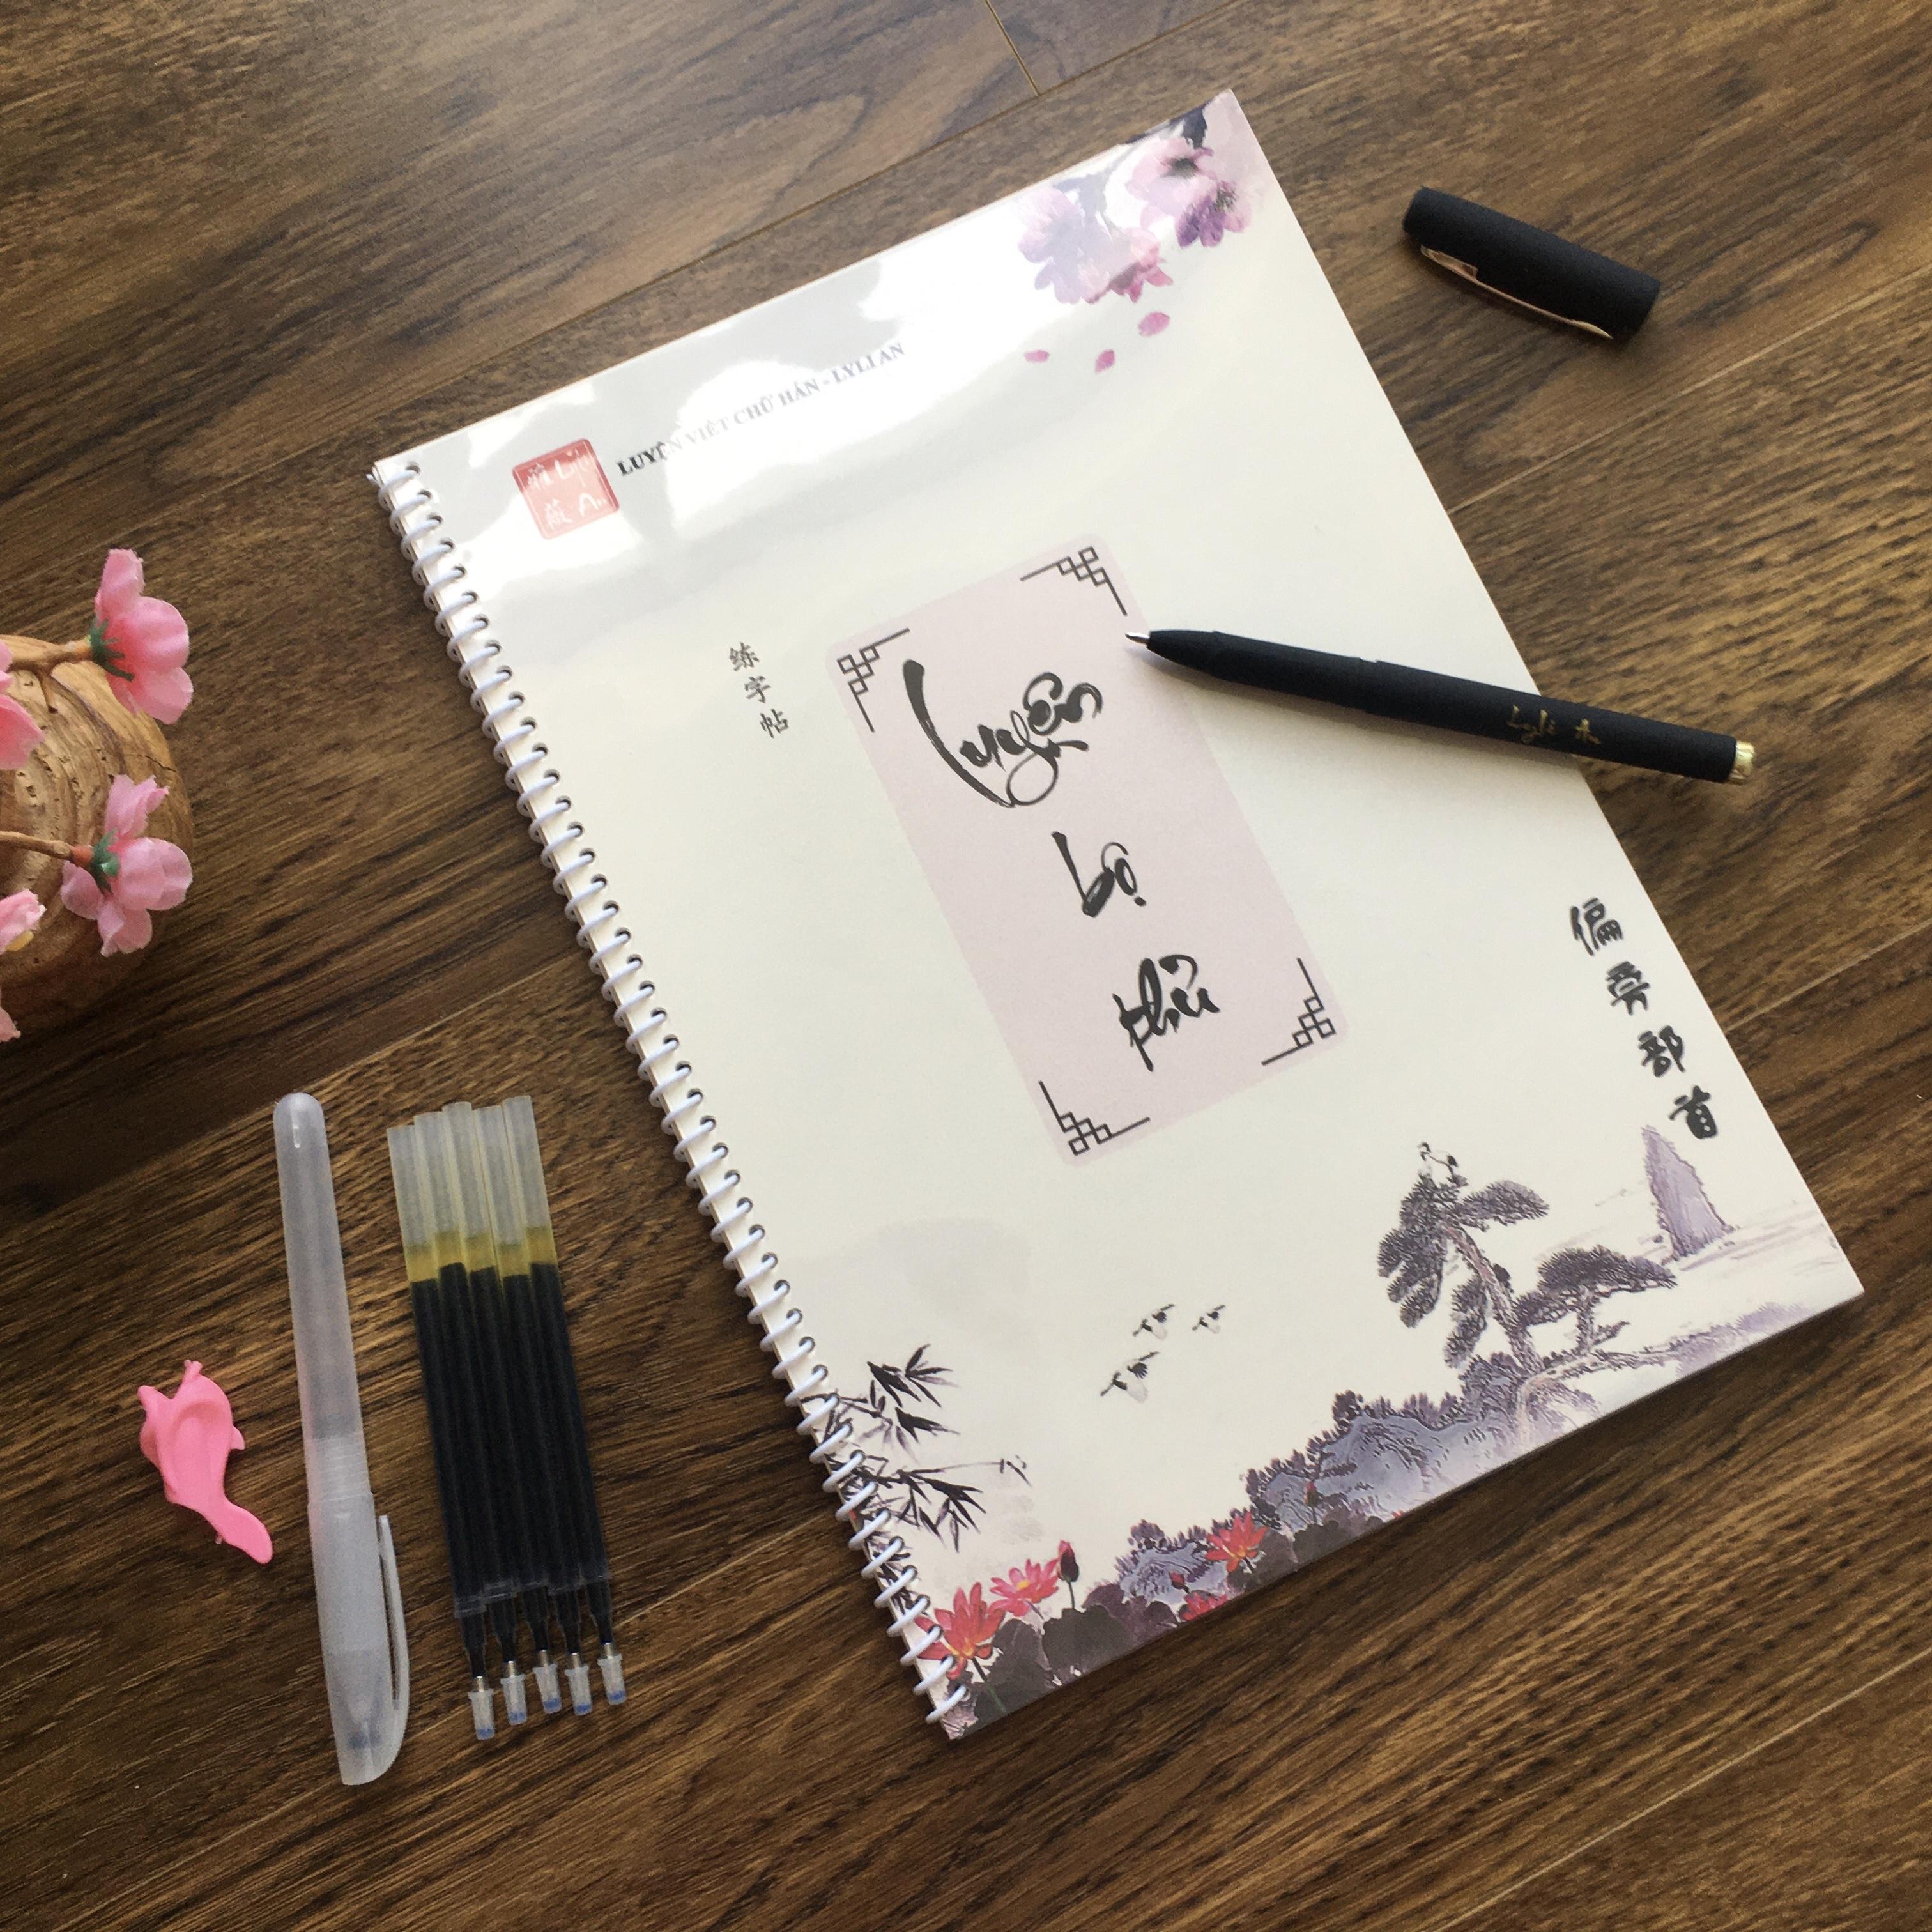 Combo Vở luyện bộ thủ - luyện các nét cơ bản và bộ thủ thường dùng trong tiếng Hán (tiếng Trung Quốc) kèm bút